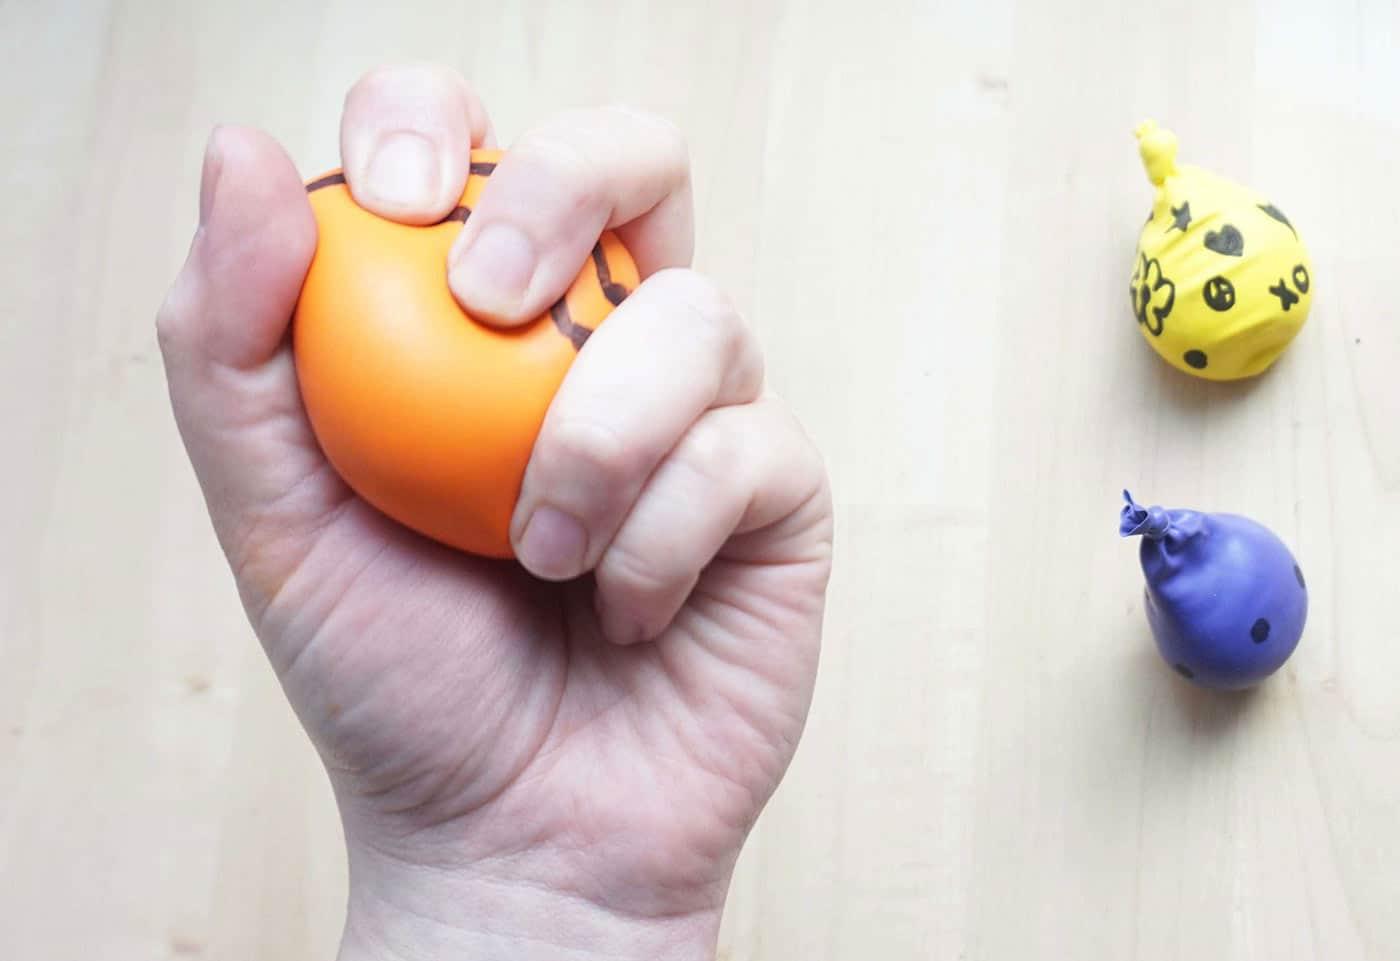 آموزش ساخت توپ ضد استرس